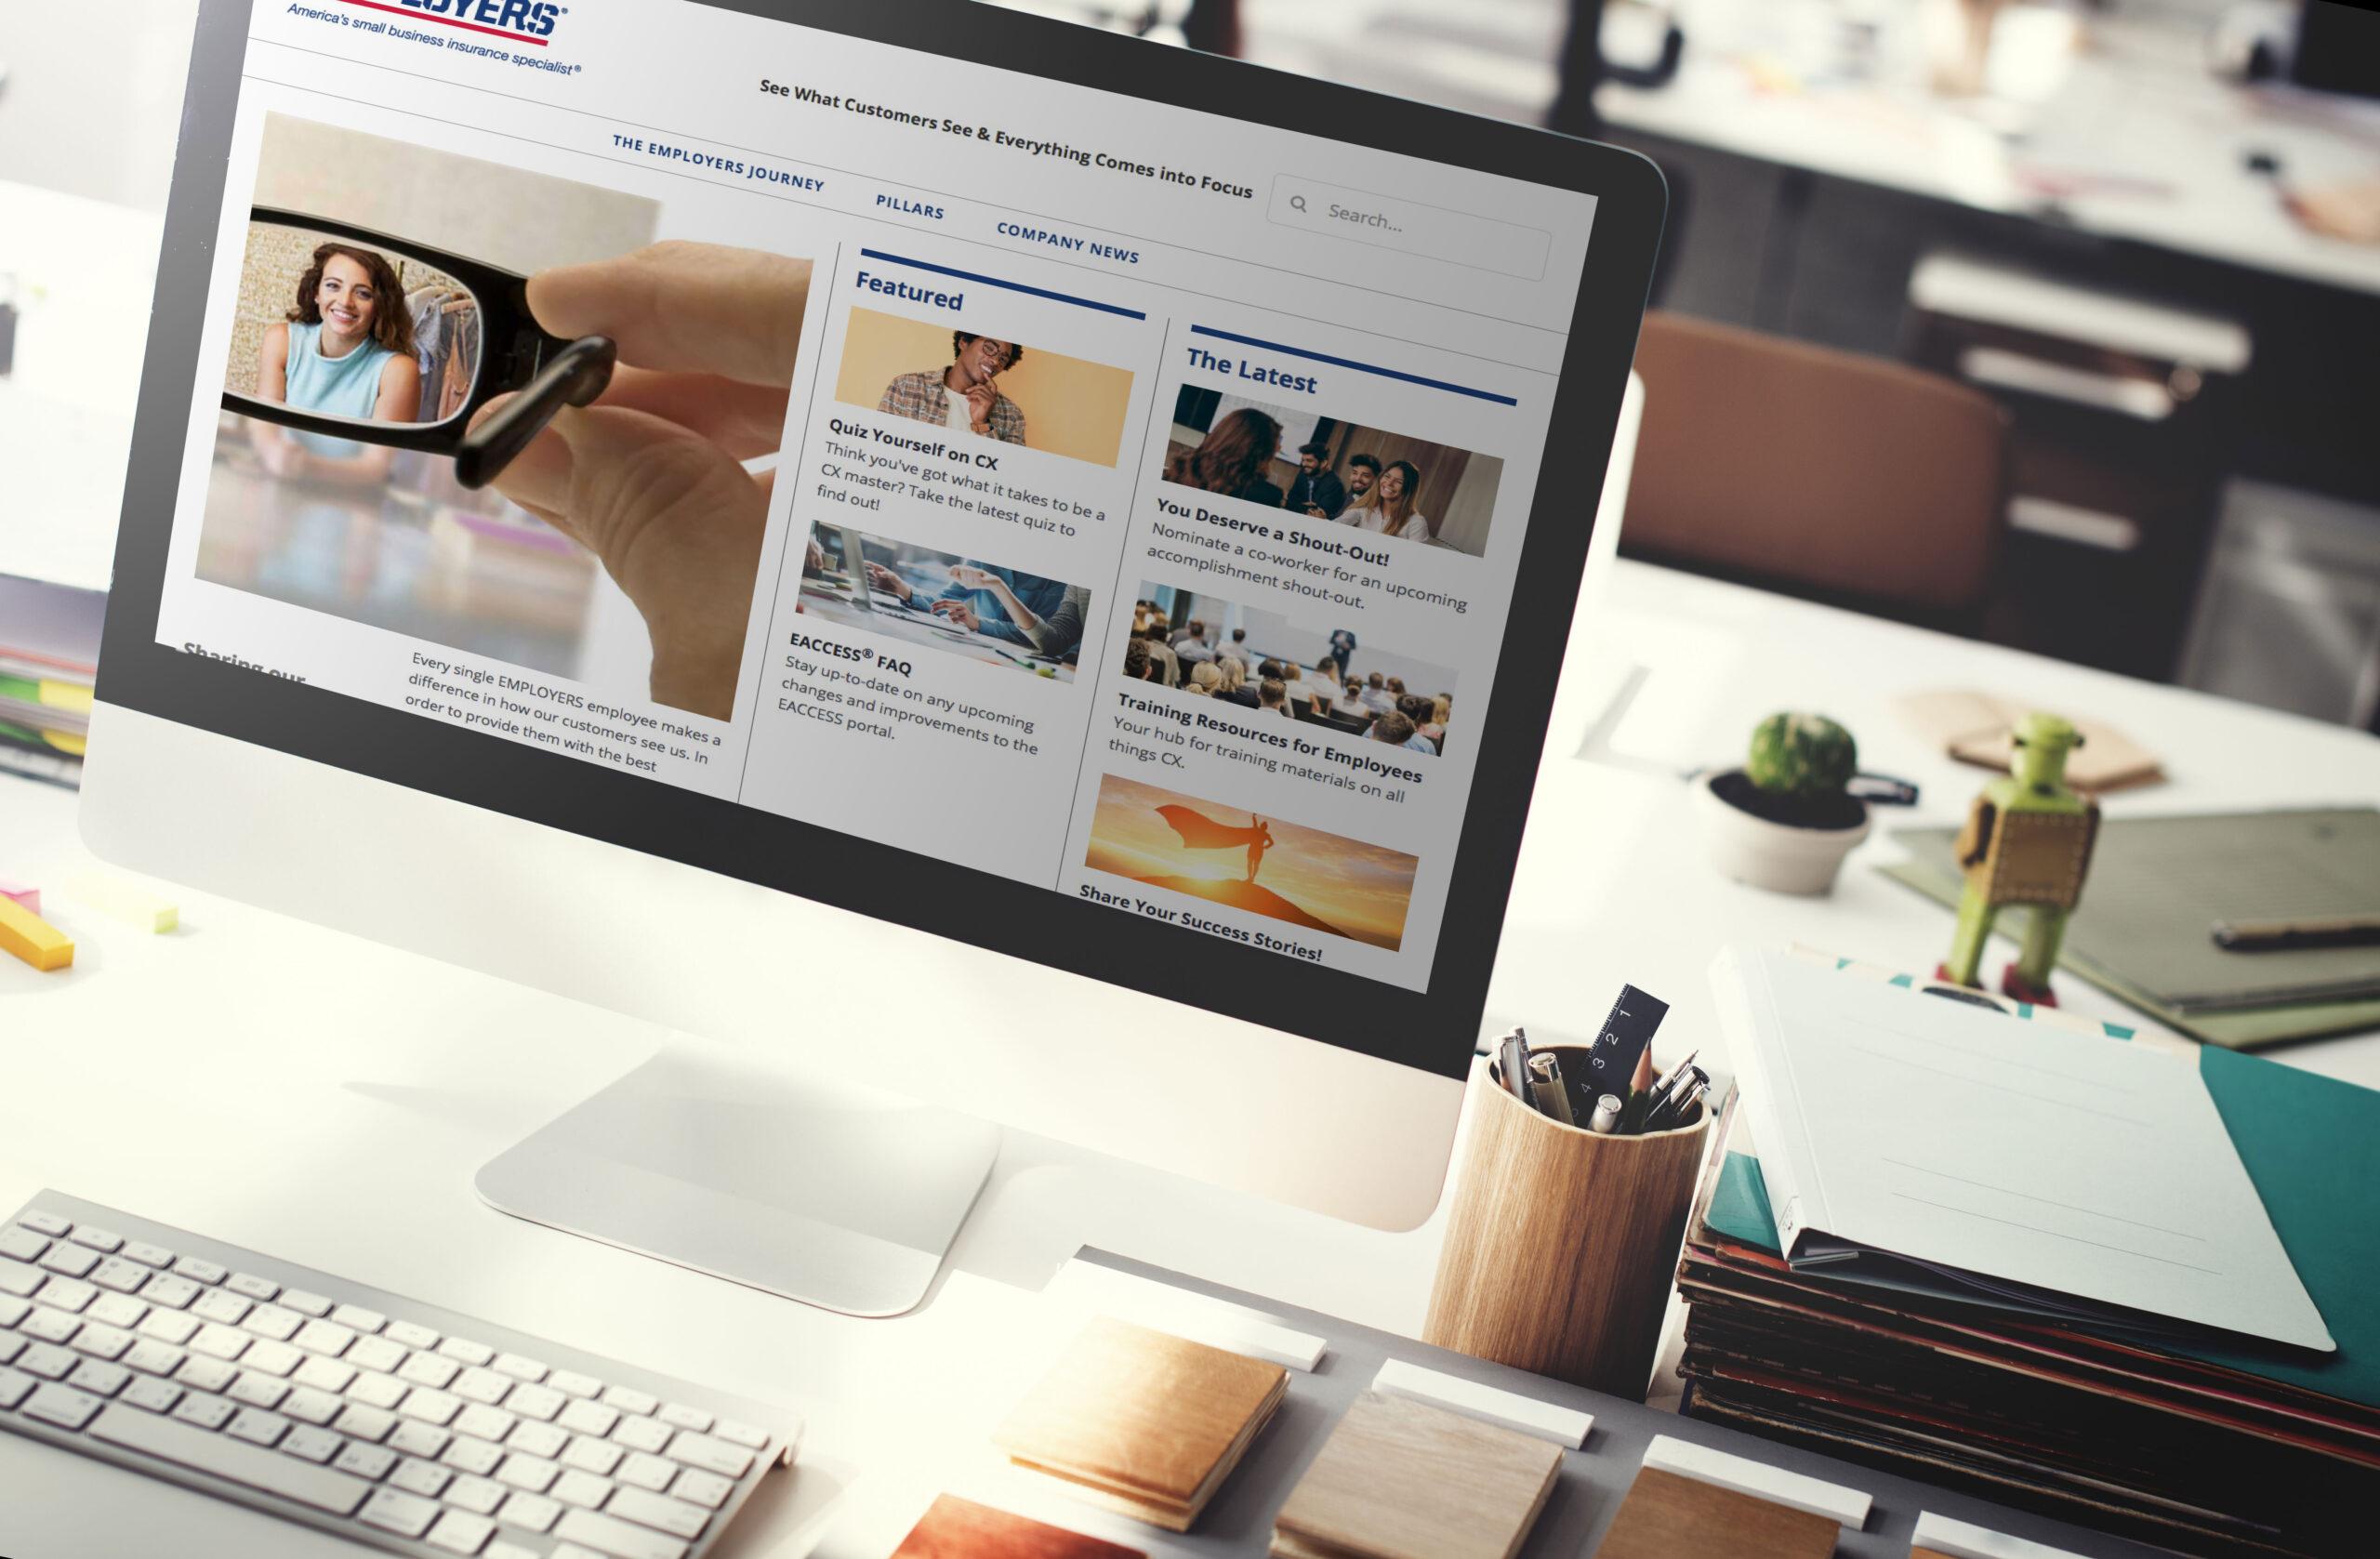 Employers website on a desktop computer